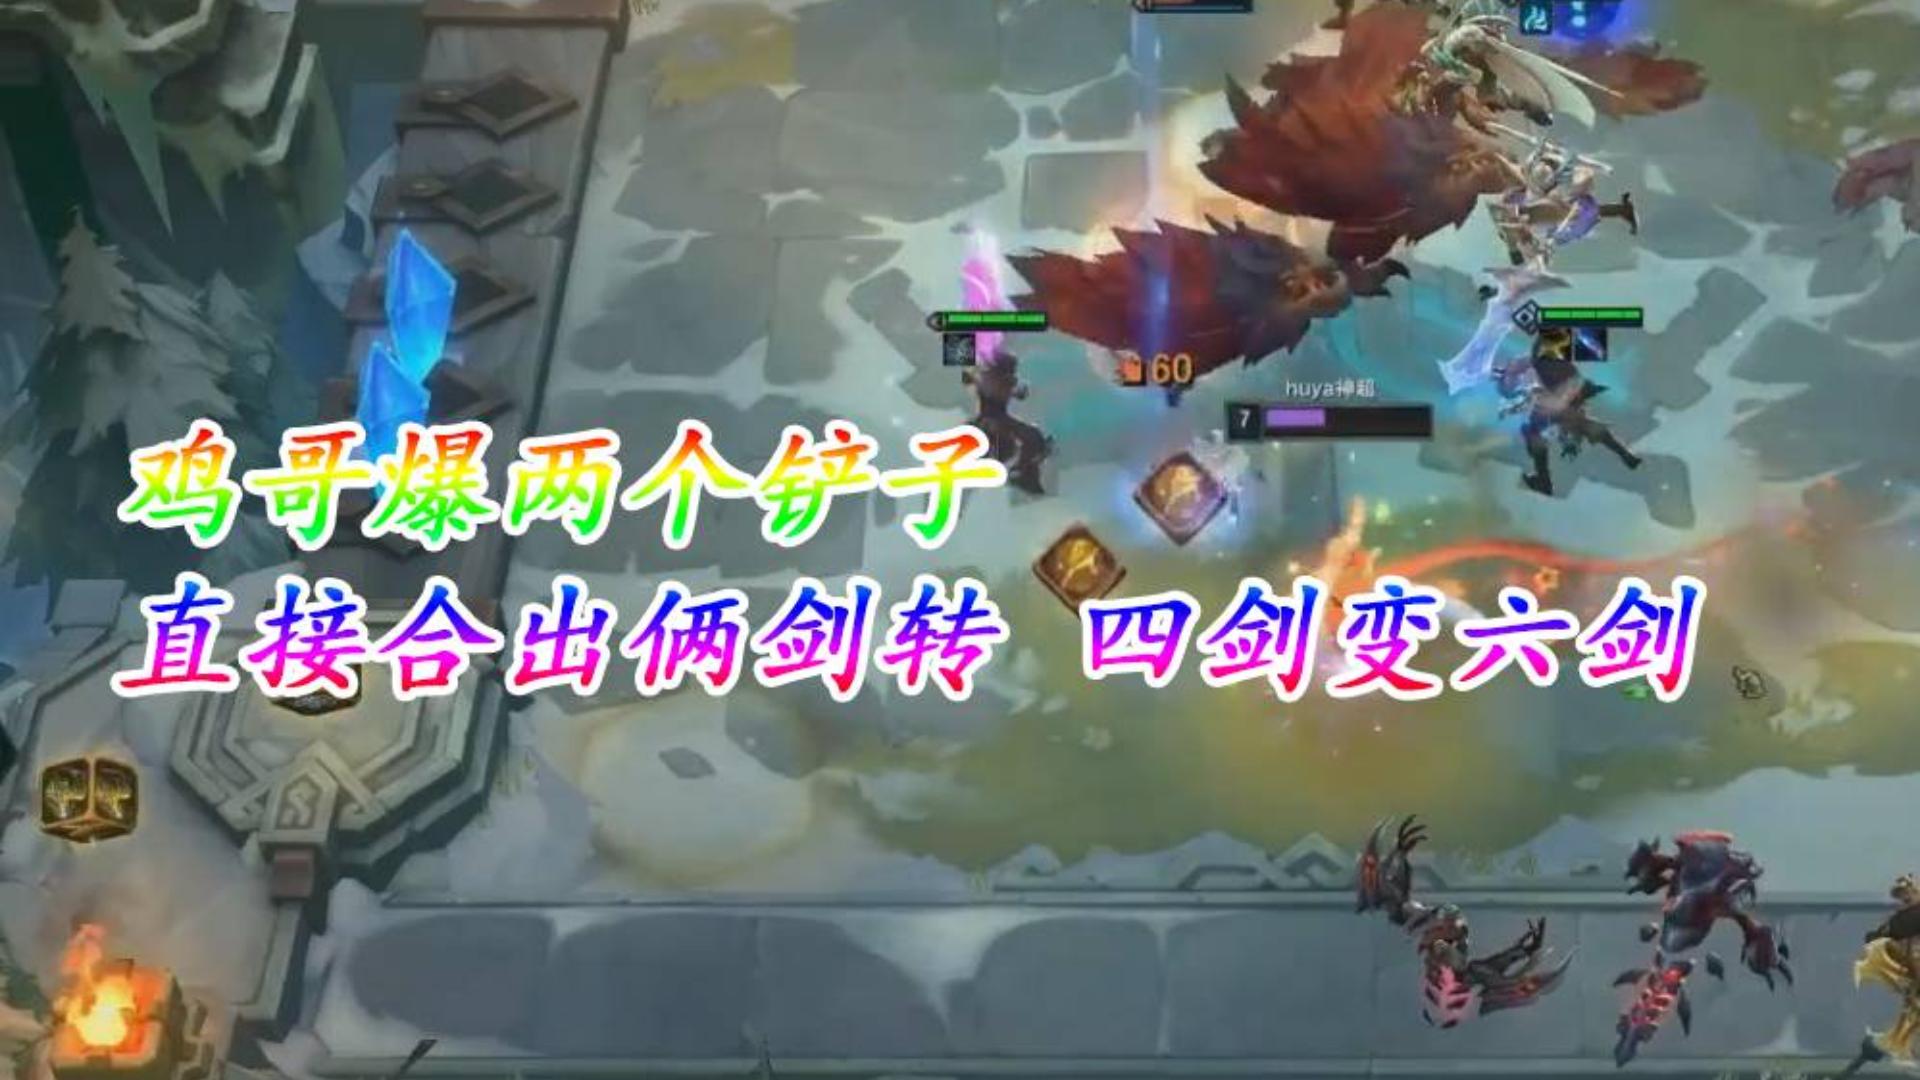 【神超】云顶之弈 鸡哥爆两个铲子 直接合出俩剑转 四剑变六剑